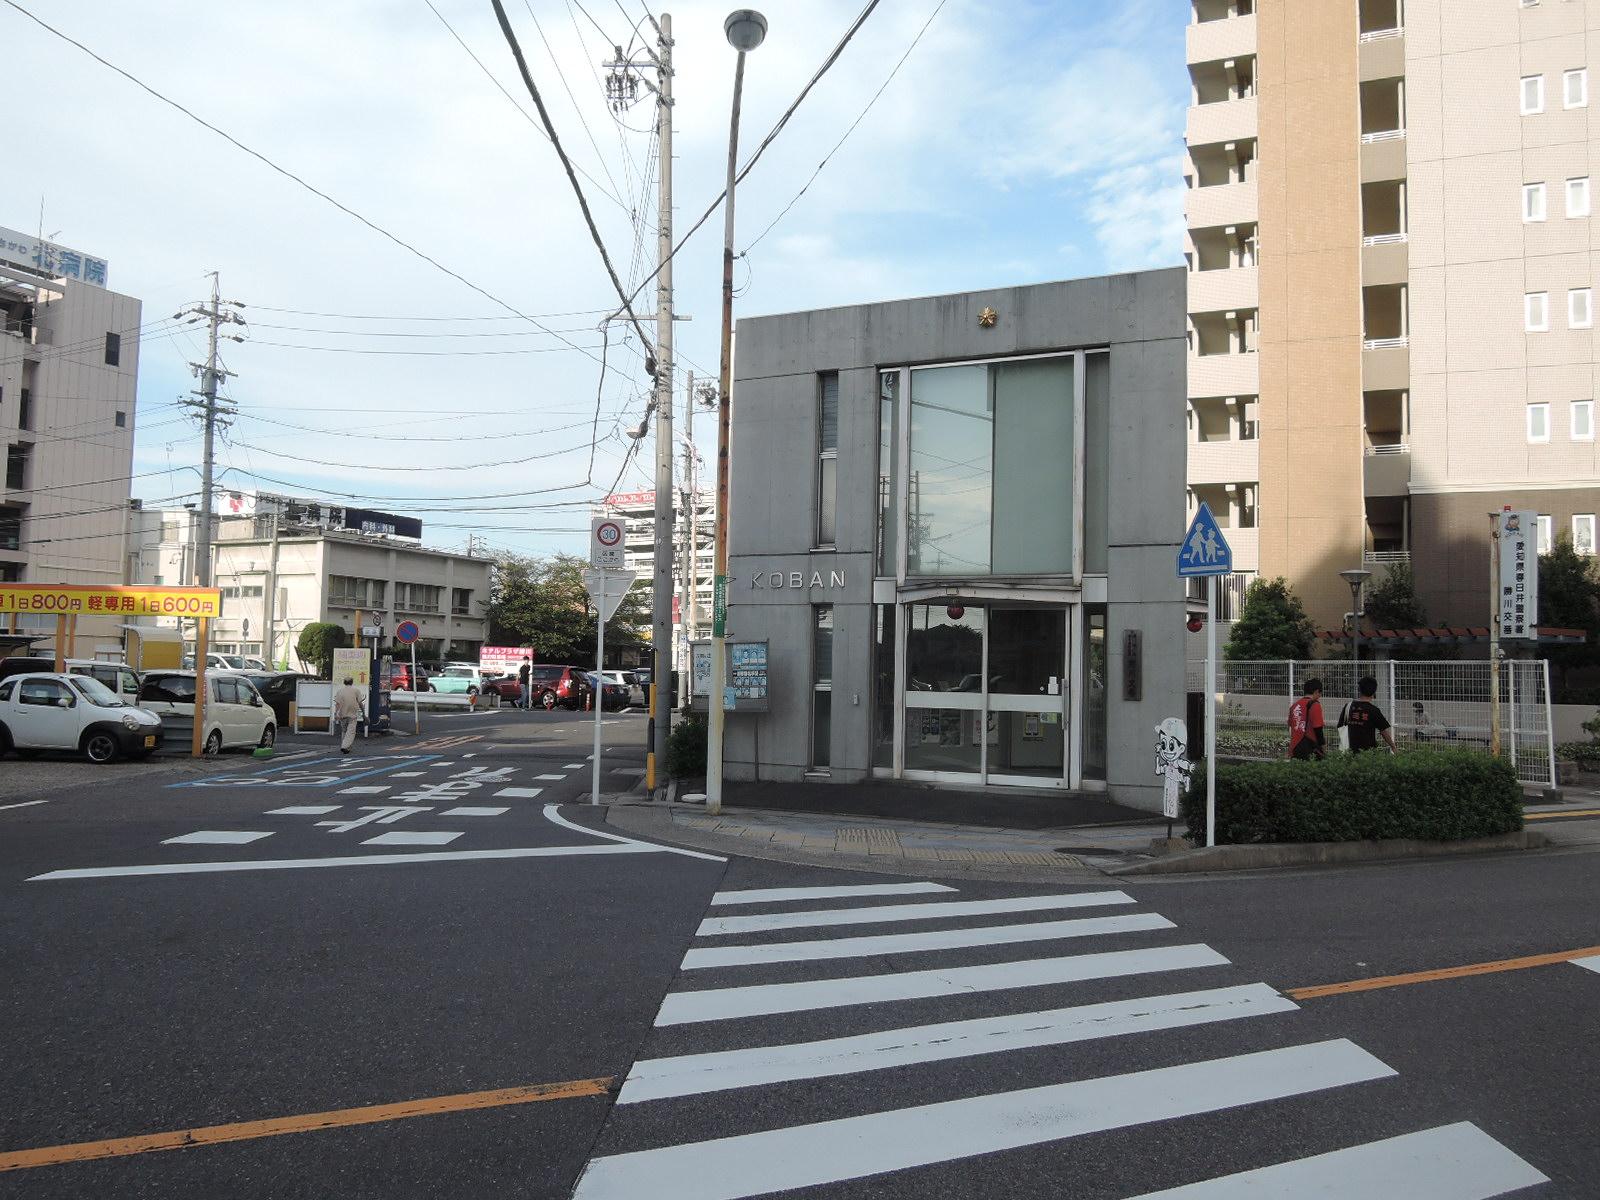 警察署・交番:春日井警察署 勝川交番 300m 近隣